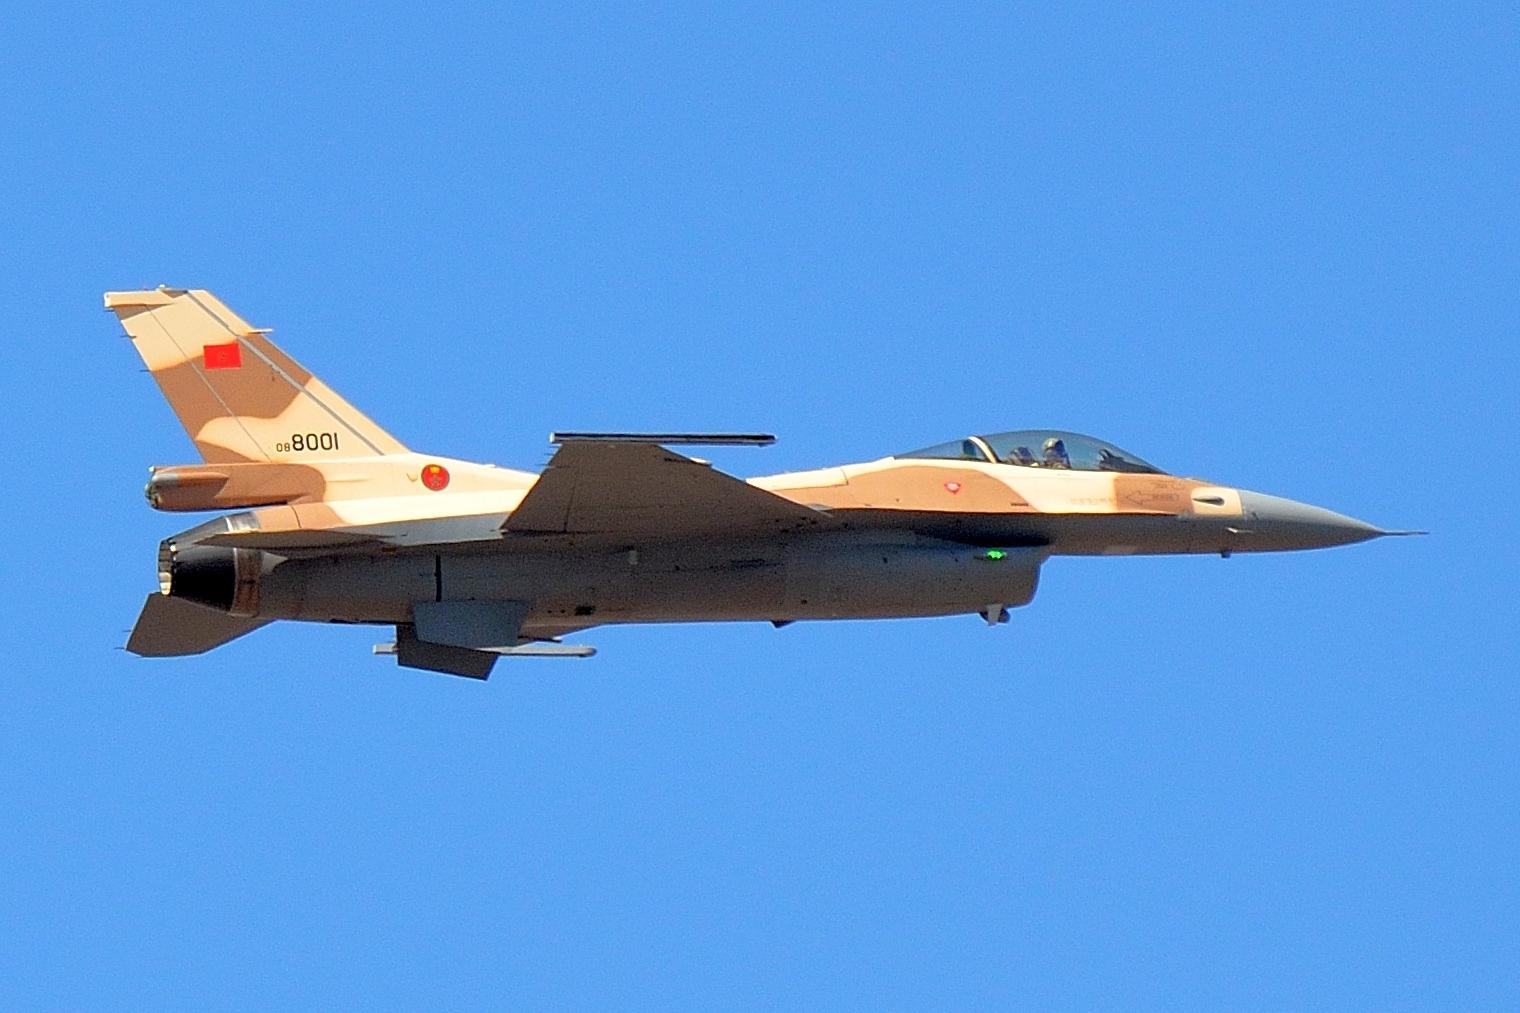 Moroccan F-16 Atlas Falcon / RMAF F16 block 52+ - Page 31 32430154361_0e7be430b1_o